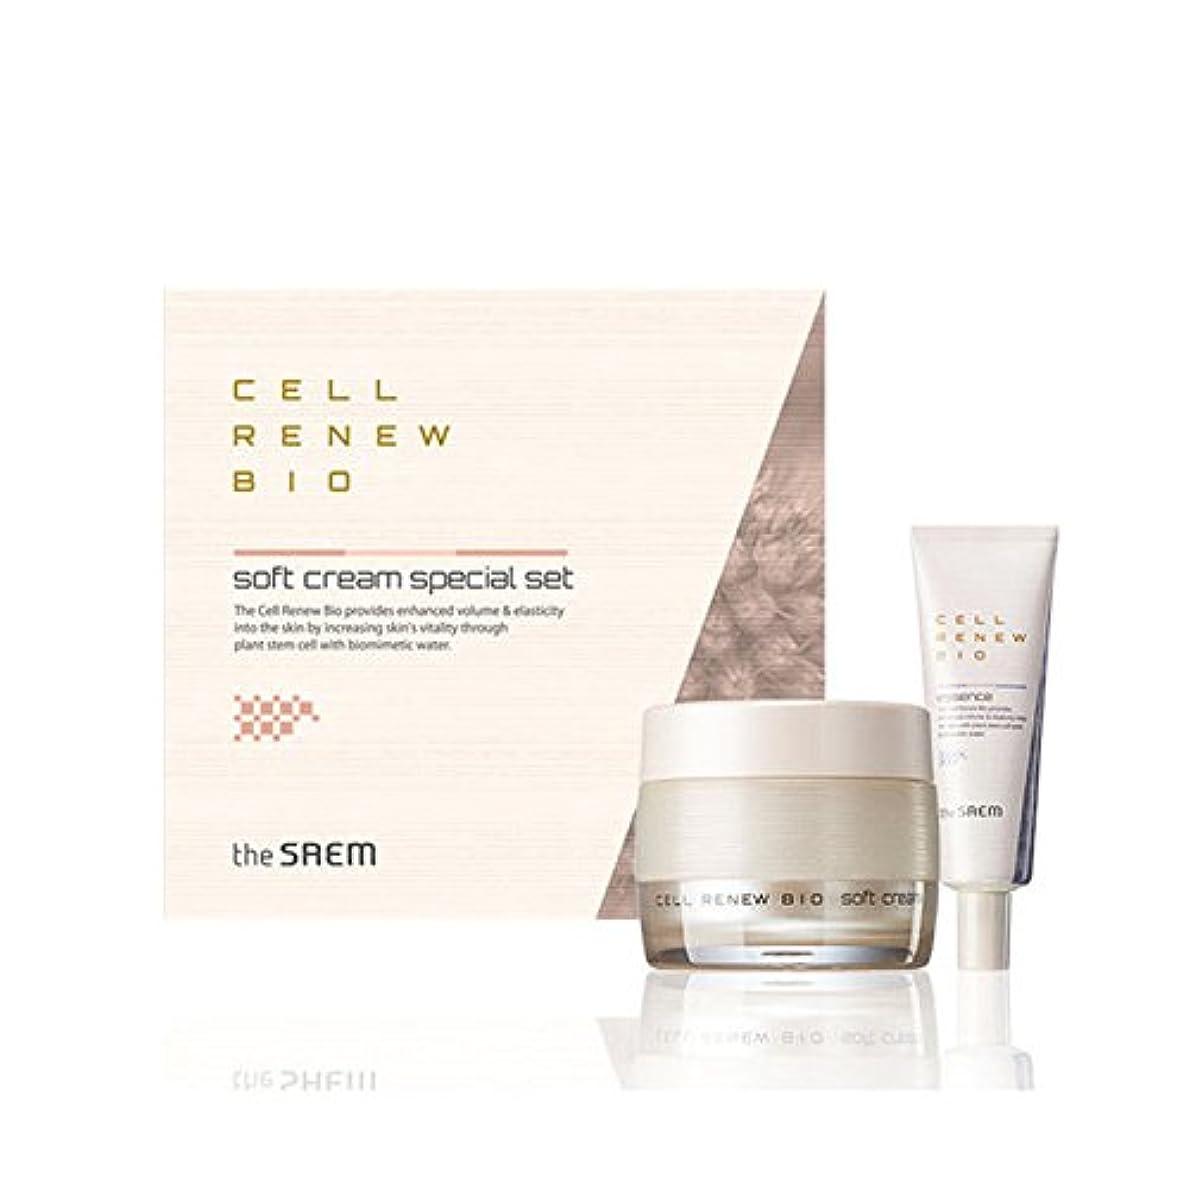 知的肥満危機[ザセム] The Saem セルリニュー バイオ クリーム スペシャルセット Cell Renew Bio Cream Special Set (海外直送品) [並行輸入品]